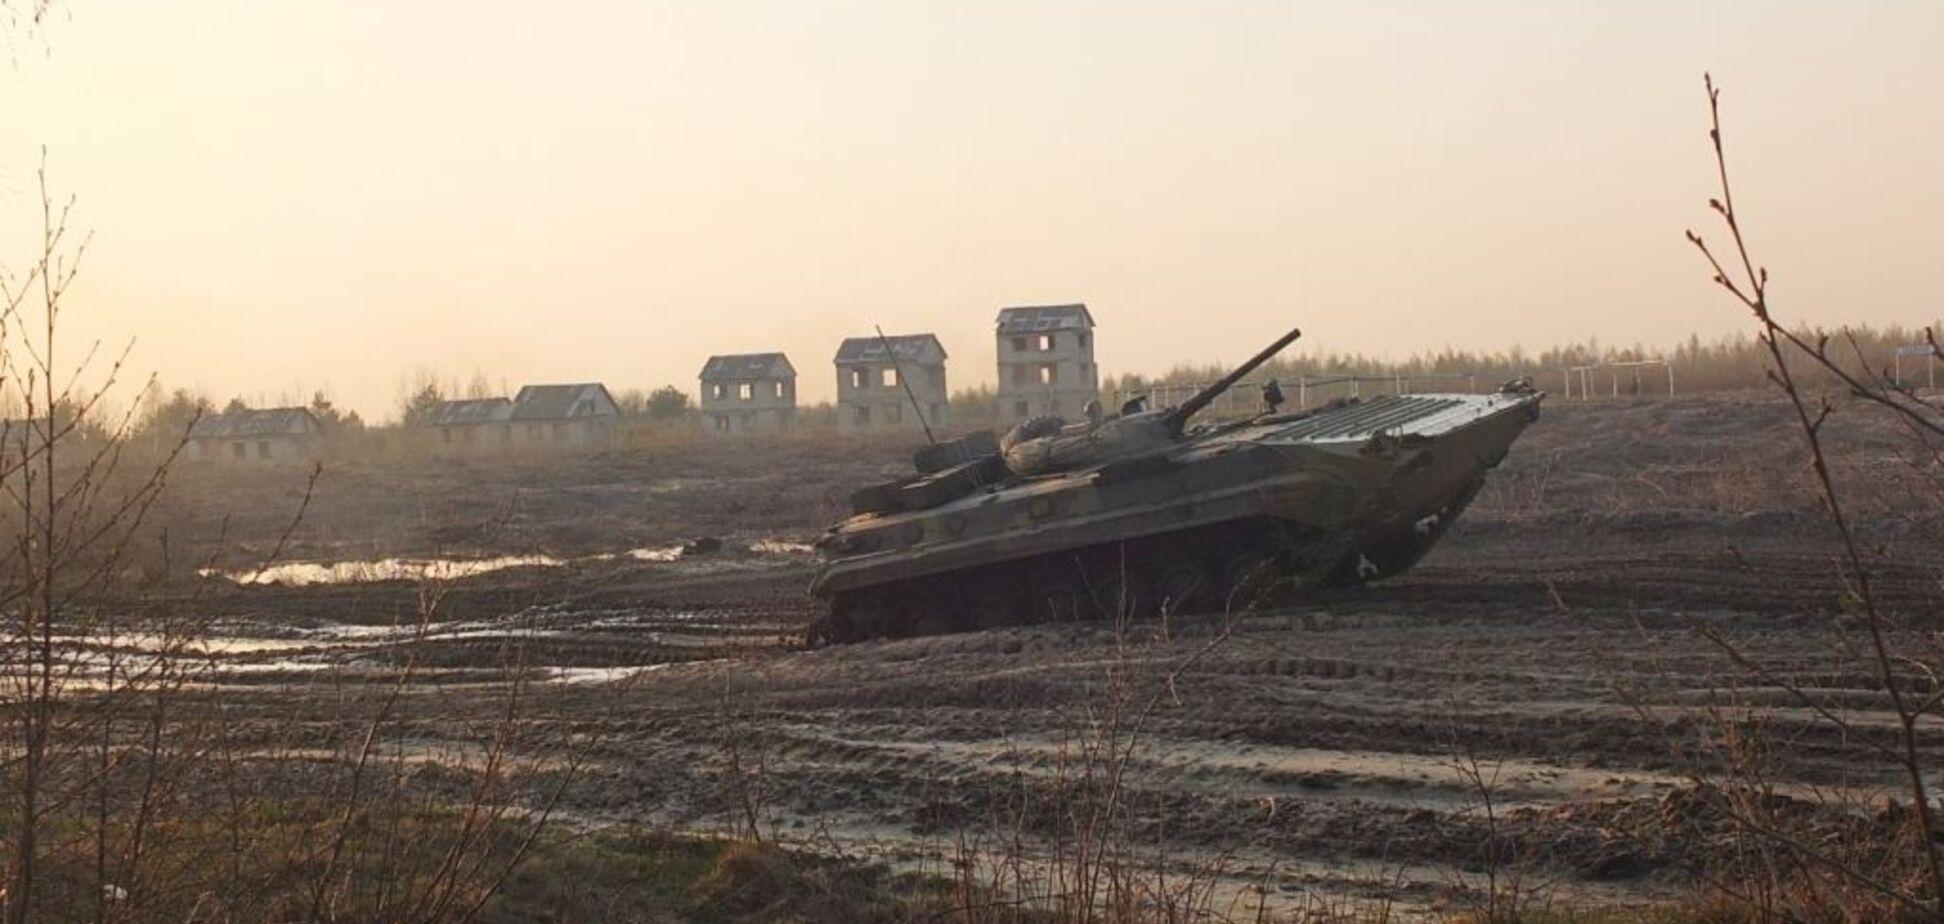 Не выгодно: появилось объяснение пассивности Запада к войне на Донбассе